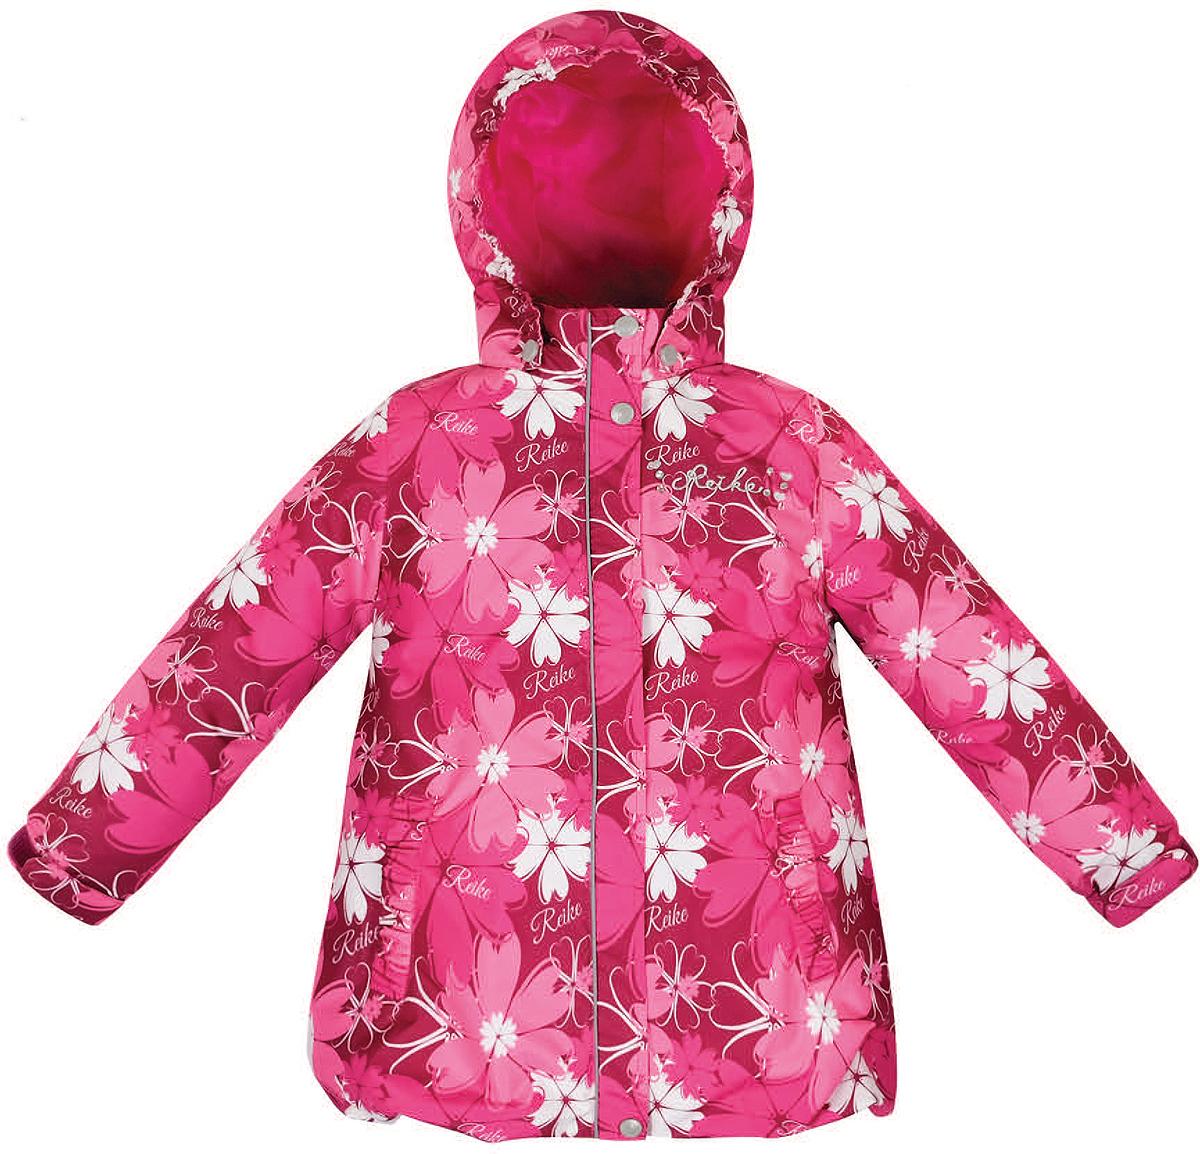 Куртка36 946 003_Cosmei bordeauxСтильная куртка для девочки Reike Космея выполнена из ветрозащитного, водоотталкивающего и дышащего материала с подкладкой из микрофлиса, обеспечивающей дополнительный комфорт. Модель с воротником-стойкой, защищающим от ветра, застегивается на молнию с ветрозащитной планкой на кнопках и оформлена цветочным принтом в стиле серии. Манжеты рукавов на резинке дополнительно регулируются с помощью липучек. Модель дополнена съемным капюшоном, утянутым резинкой, двумя прорезными карманами, утяжкой по низу изделия и светоотражающими элементами. На груди куртка декорирована серебристой вышивкой и стразами. Особенности изделия: - базовый уровень; - коэффициент воздухопроницаемости: 2000гр/м2/24 ч; - водоотталкивающее покрытие: 2000 мм.